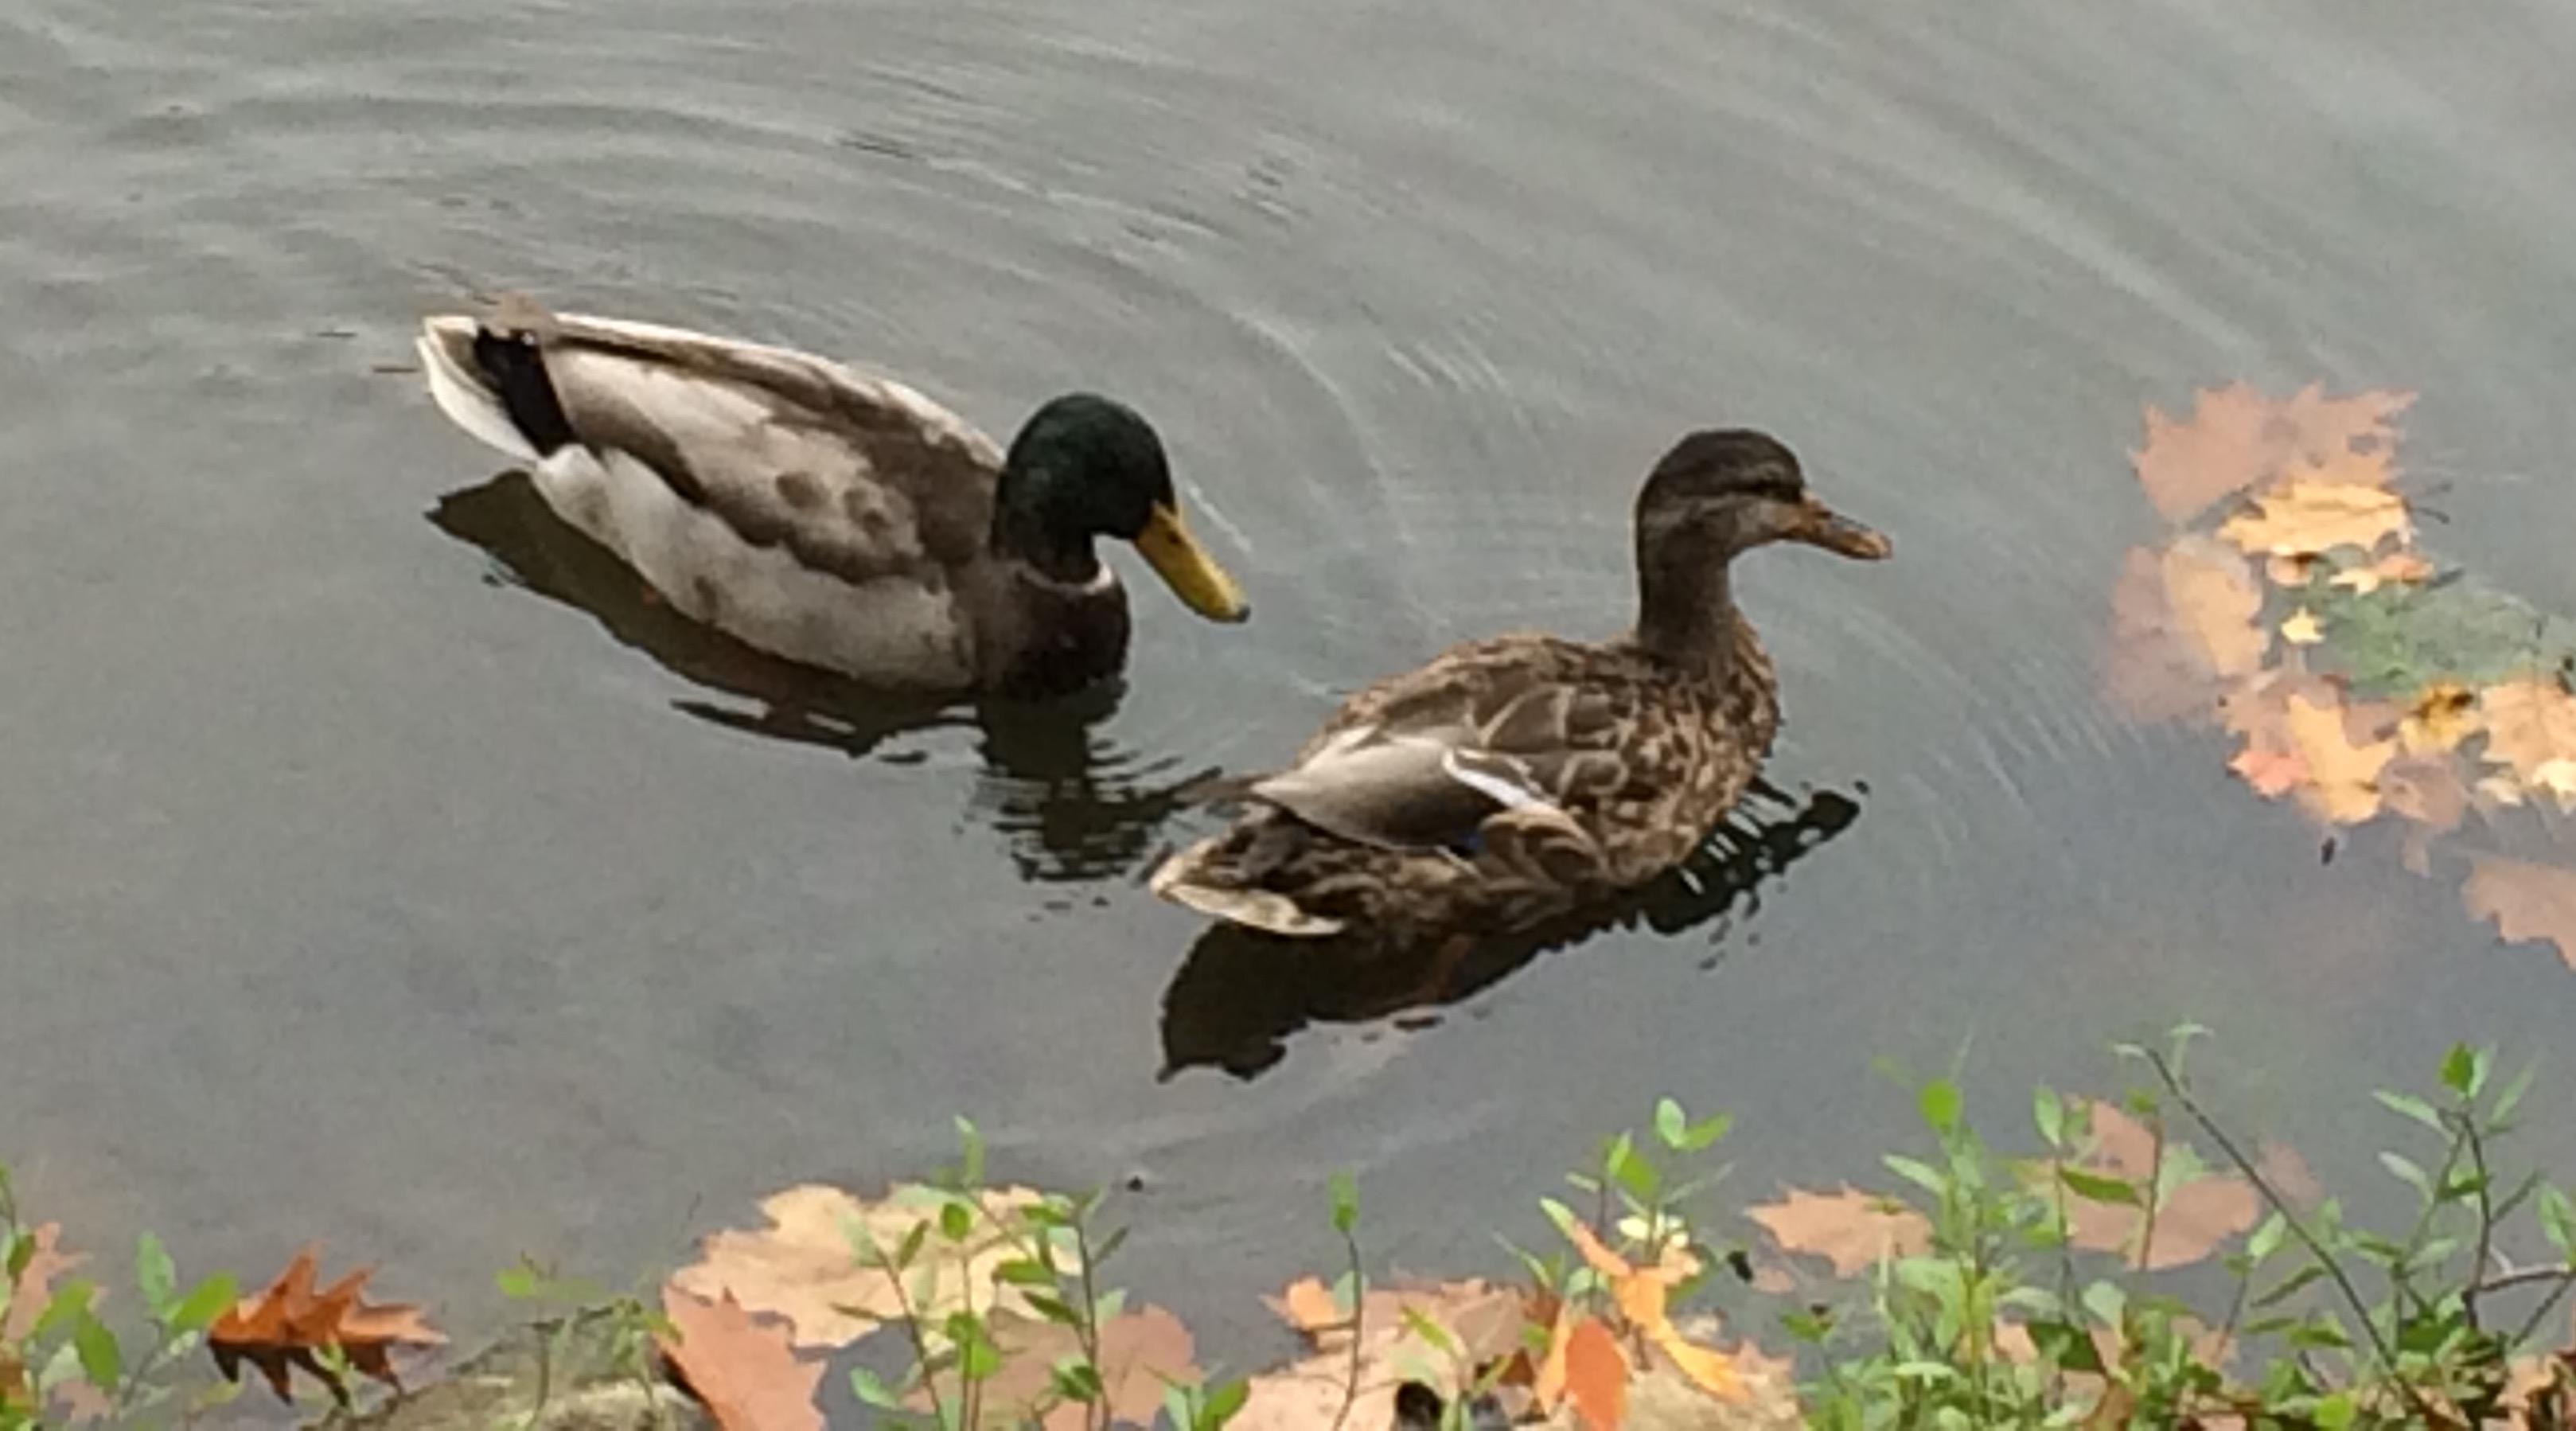 ducksinfall